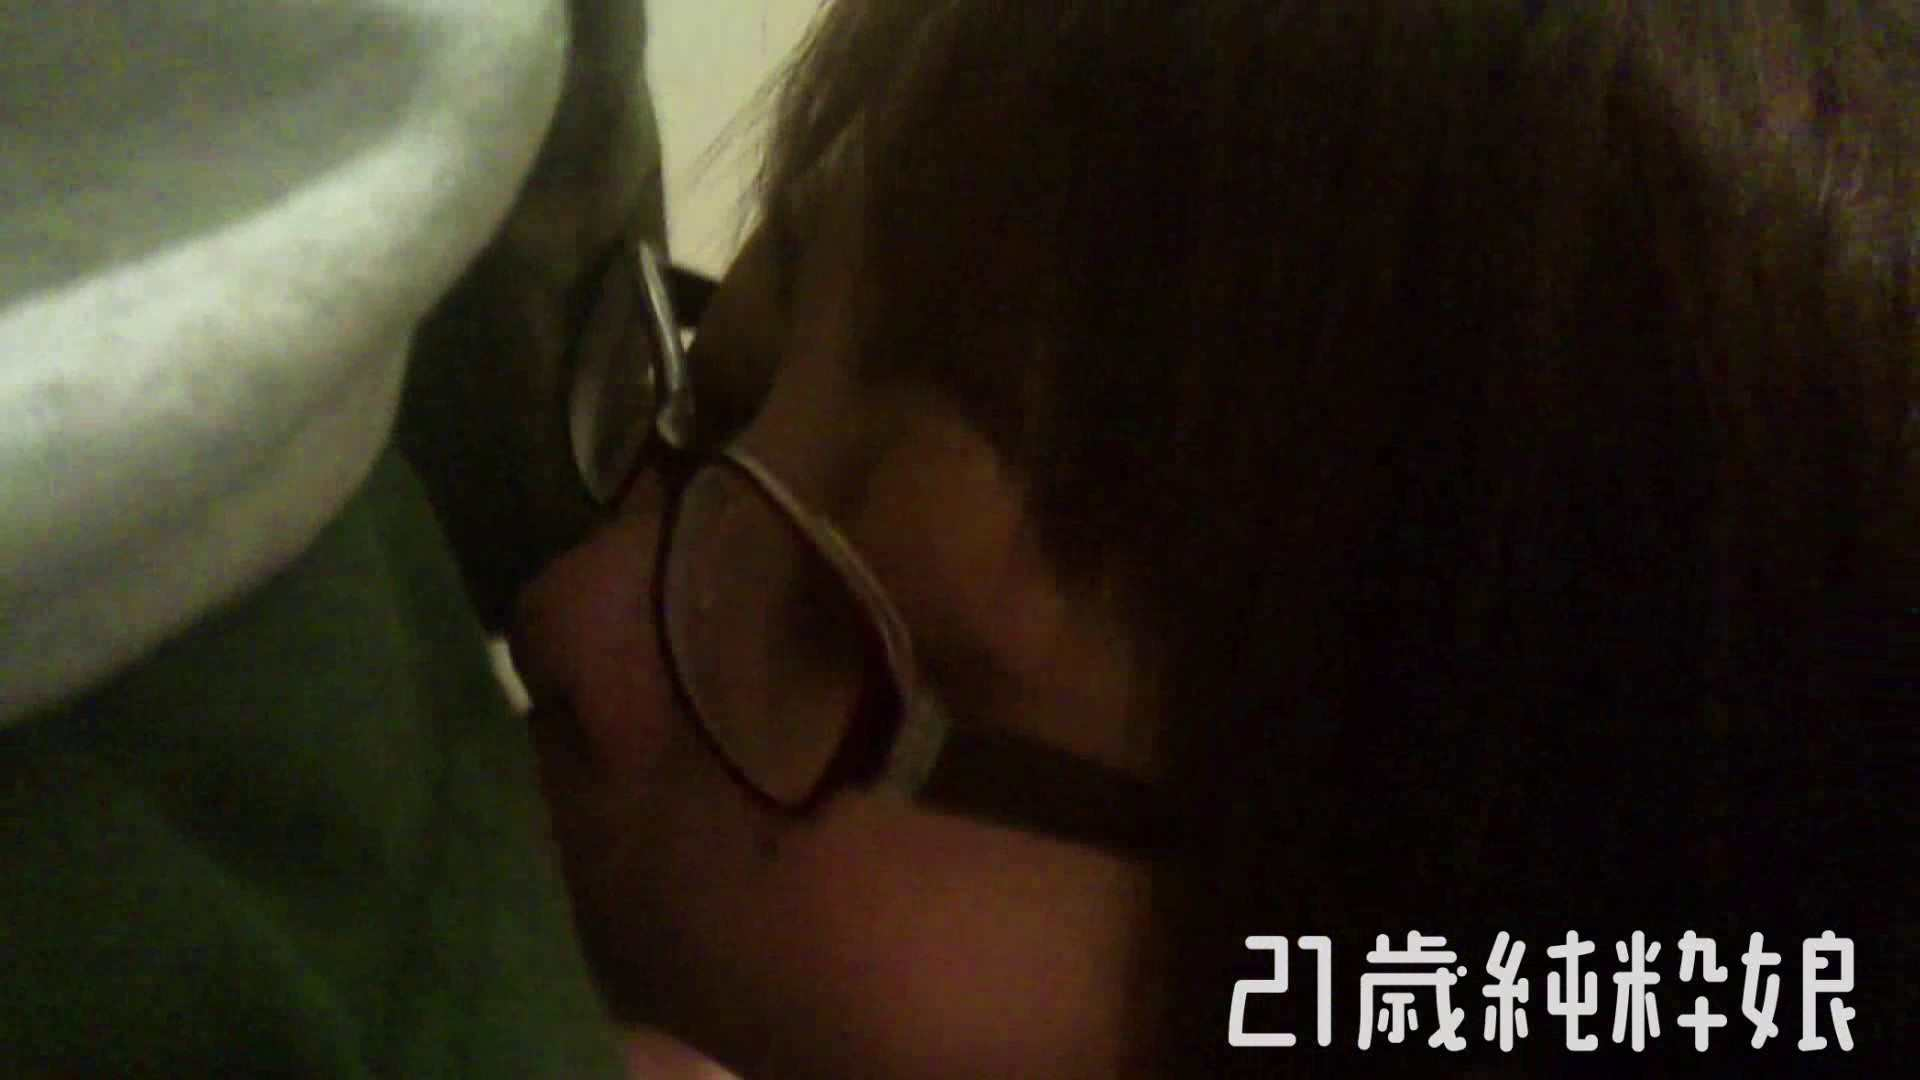 巨乳 乳首:Gカップ21歳純粋嬢第2弾Vol.5:大奥